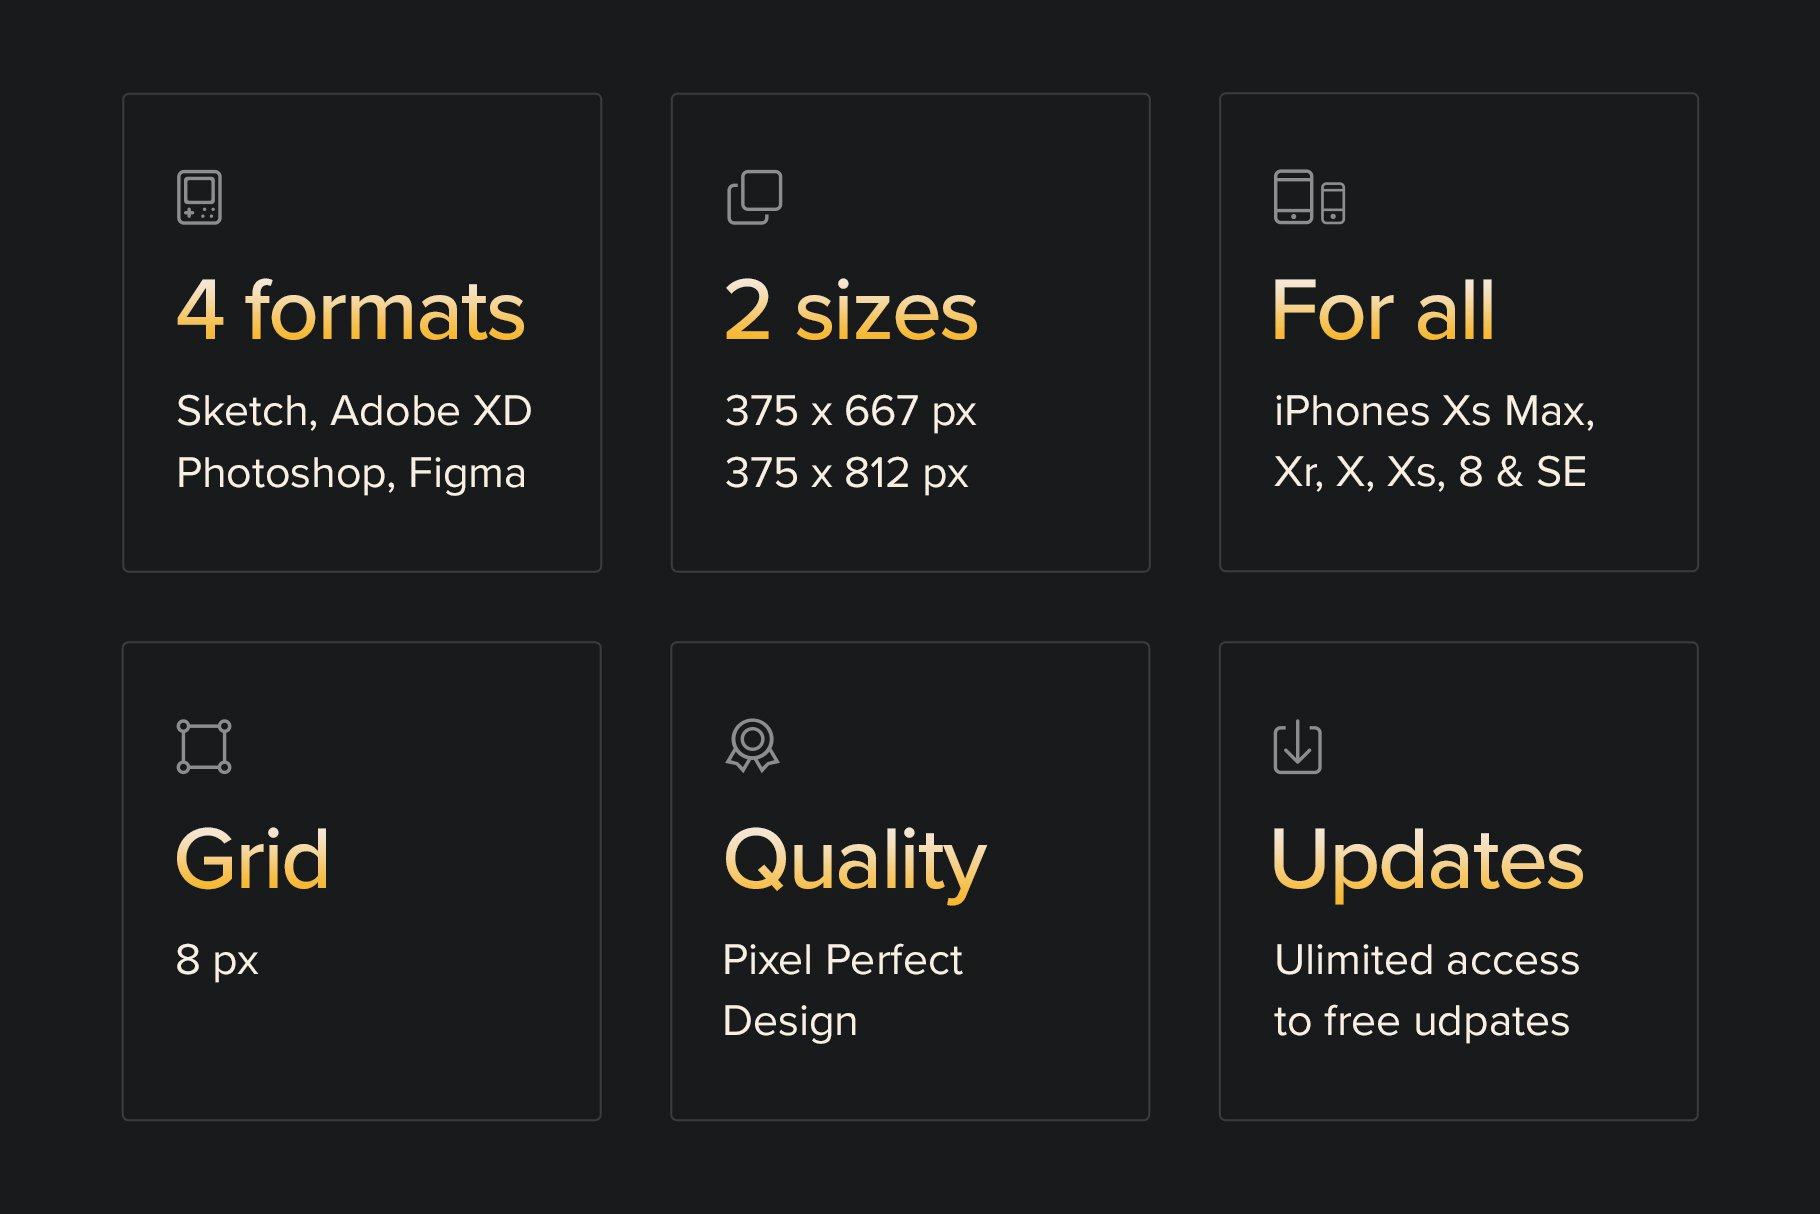 非常精美的10款iOS12风格APP UI工具包 120+Premium IOS Templates